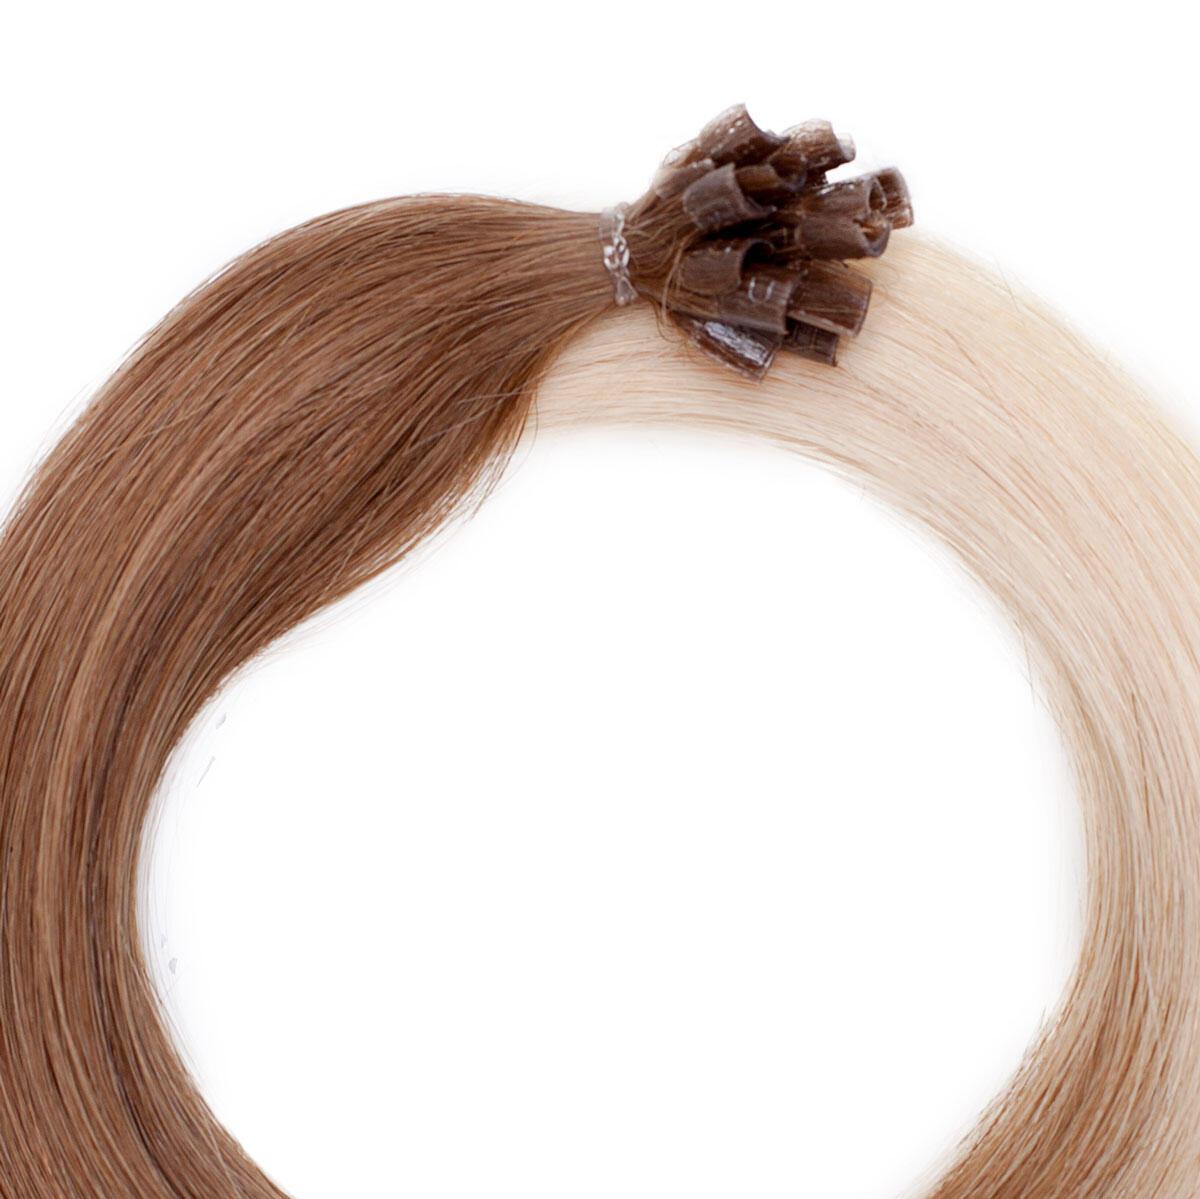 Bondings Premium Glatt O5.1/10.8 Medium Ash Blond Ombre 50 cm